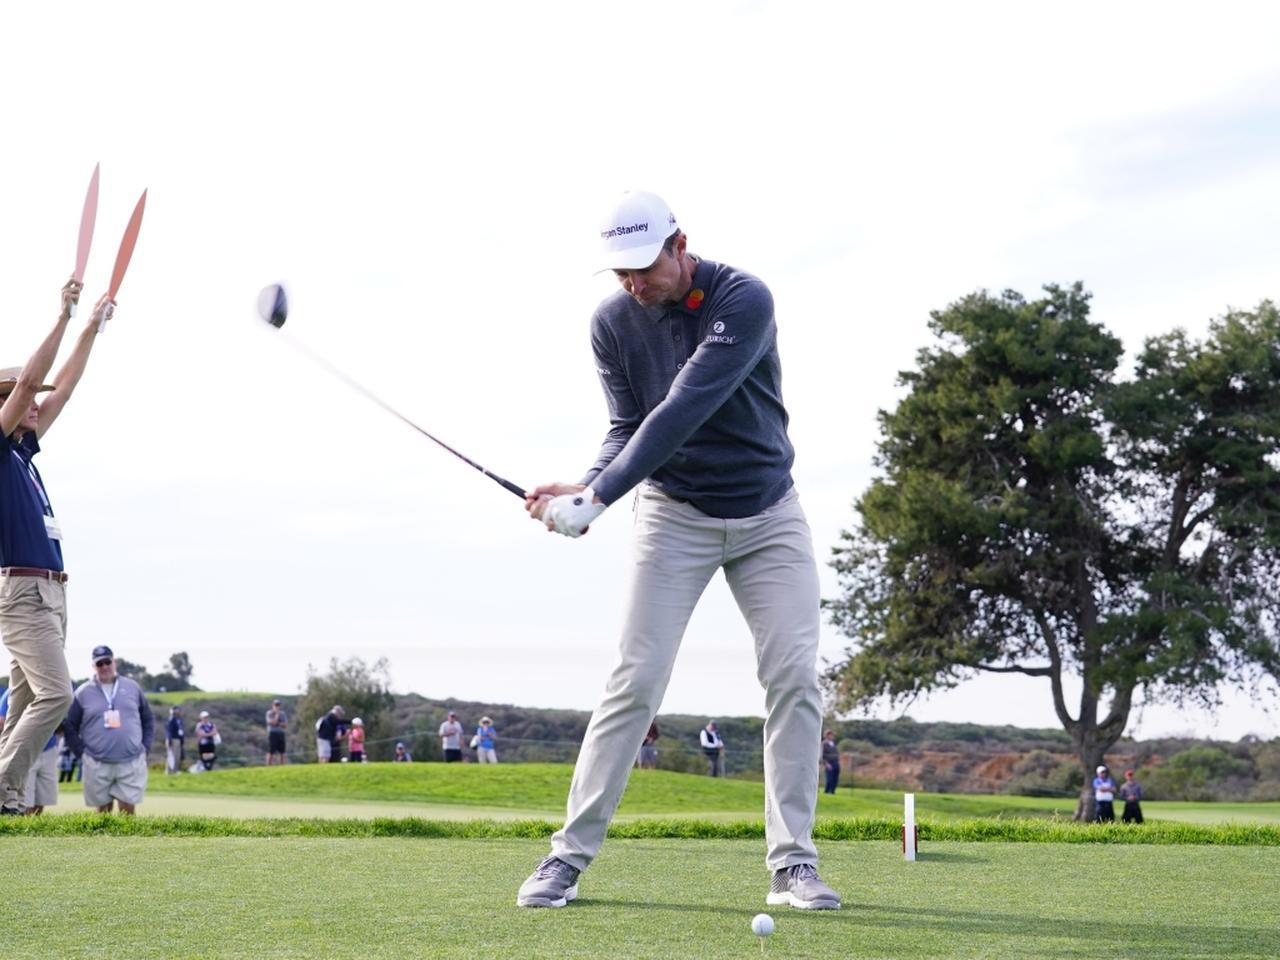 画像9: 【ギア研究】PGAツアートップ選手のレプリカドライバーを組んで打った。「運命のシャフトとヘッド」見つけ方